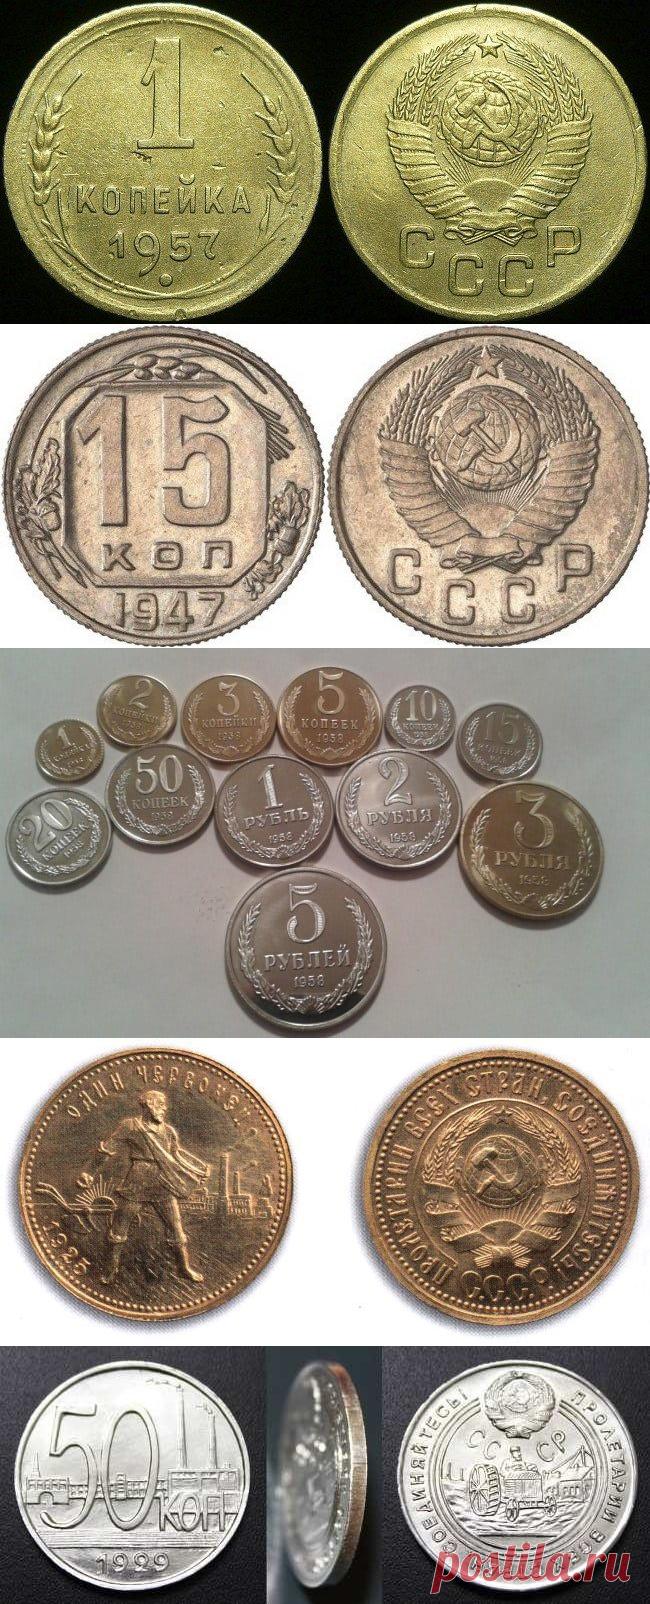 Хабаровск мемориальные памятники с фото и ценой